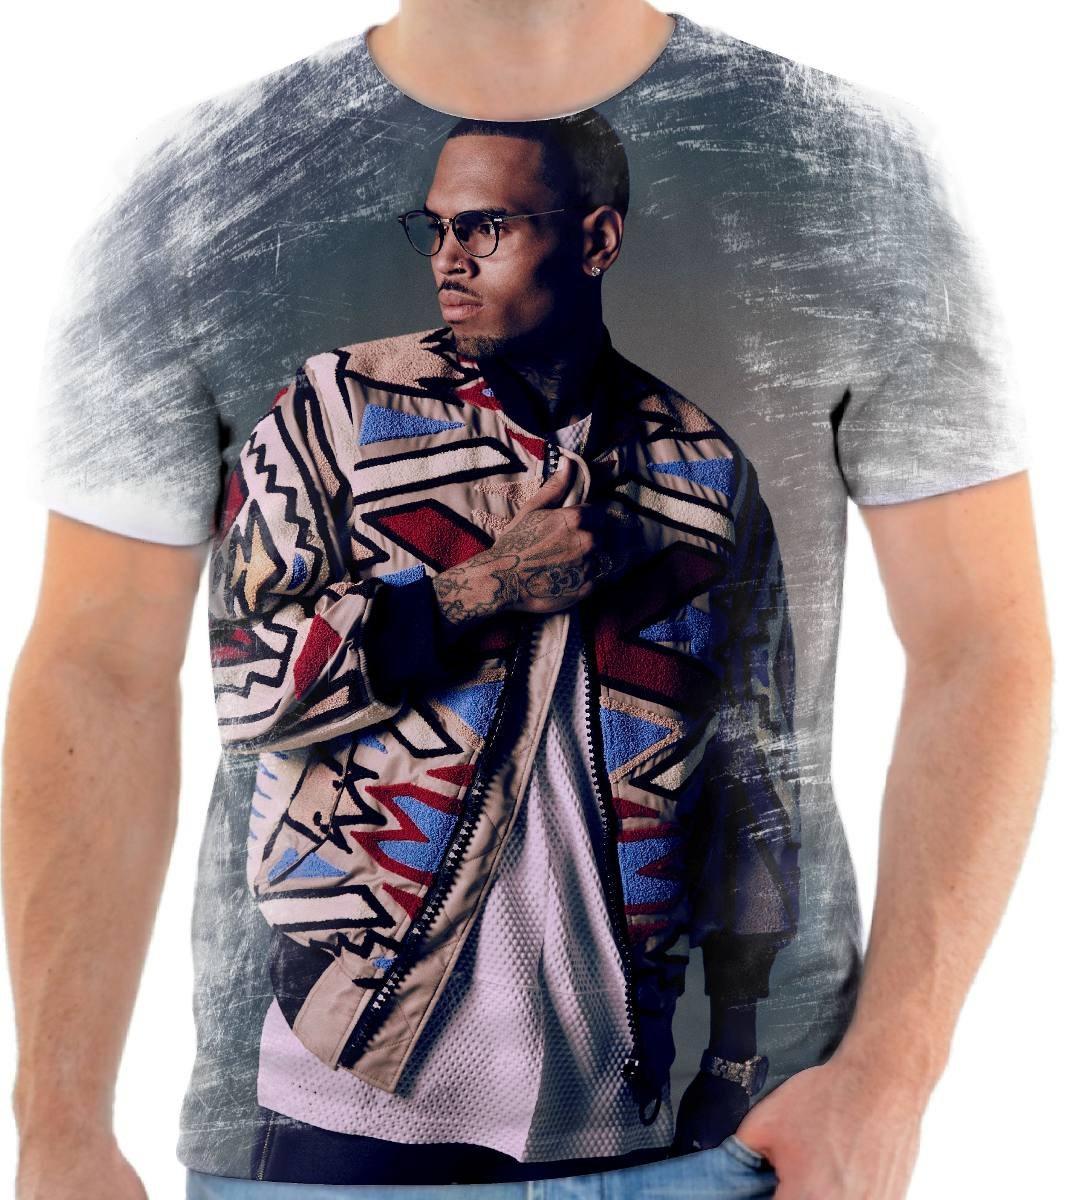 Camiseta Camisa Personalizada Rapper Chris Brown Swag 9 - R  54 a137ad7cf6580